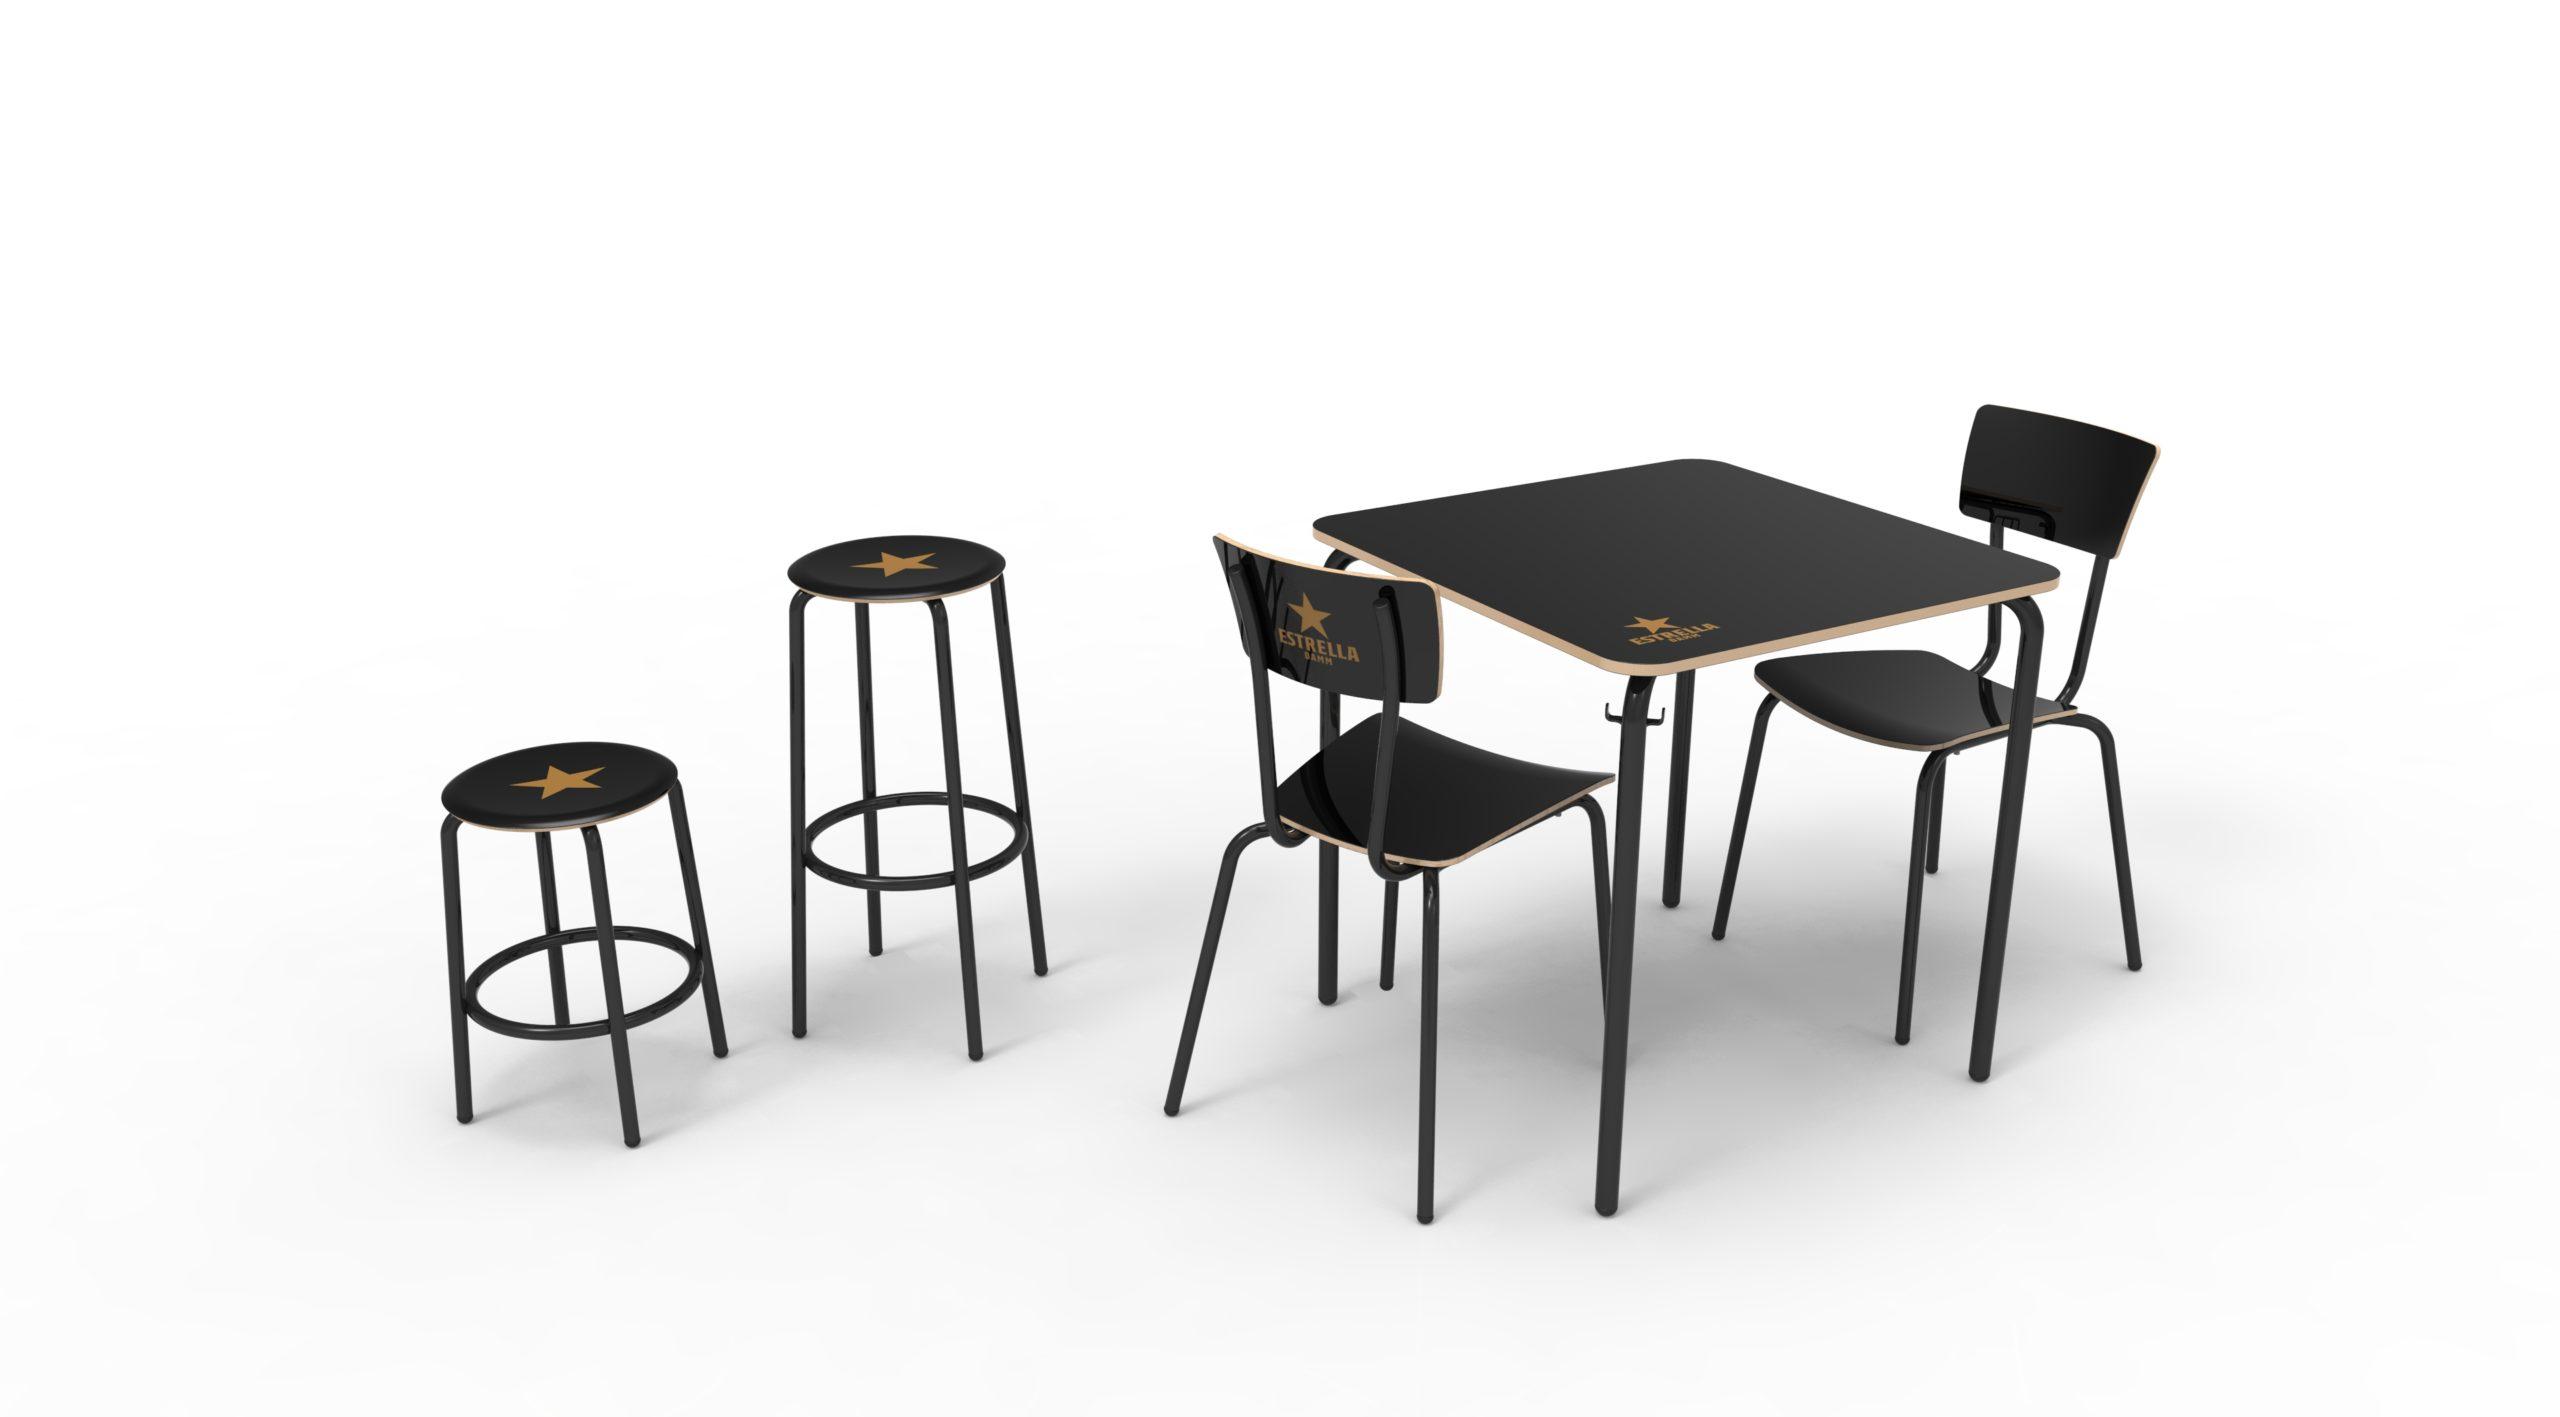 Diseño producto sillas y mesa Fórmica